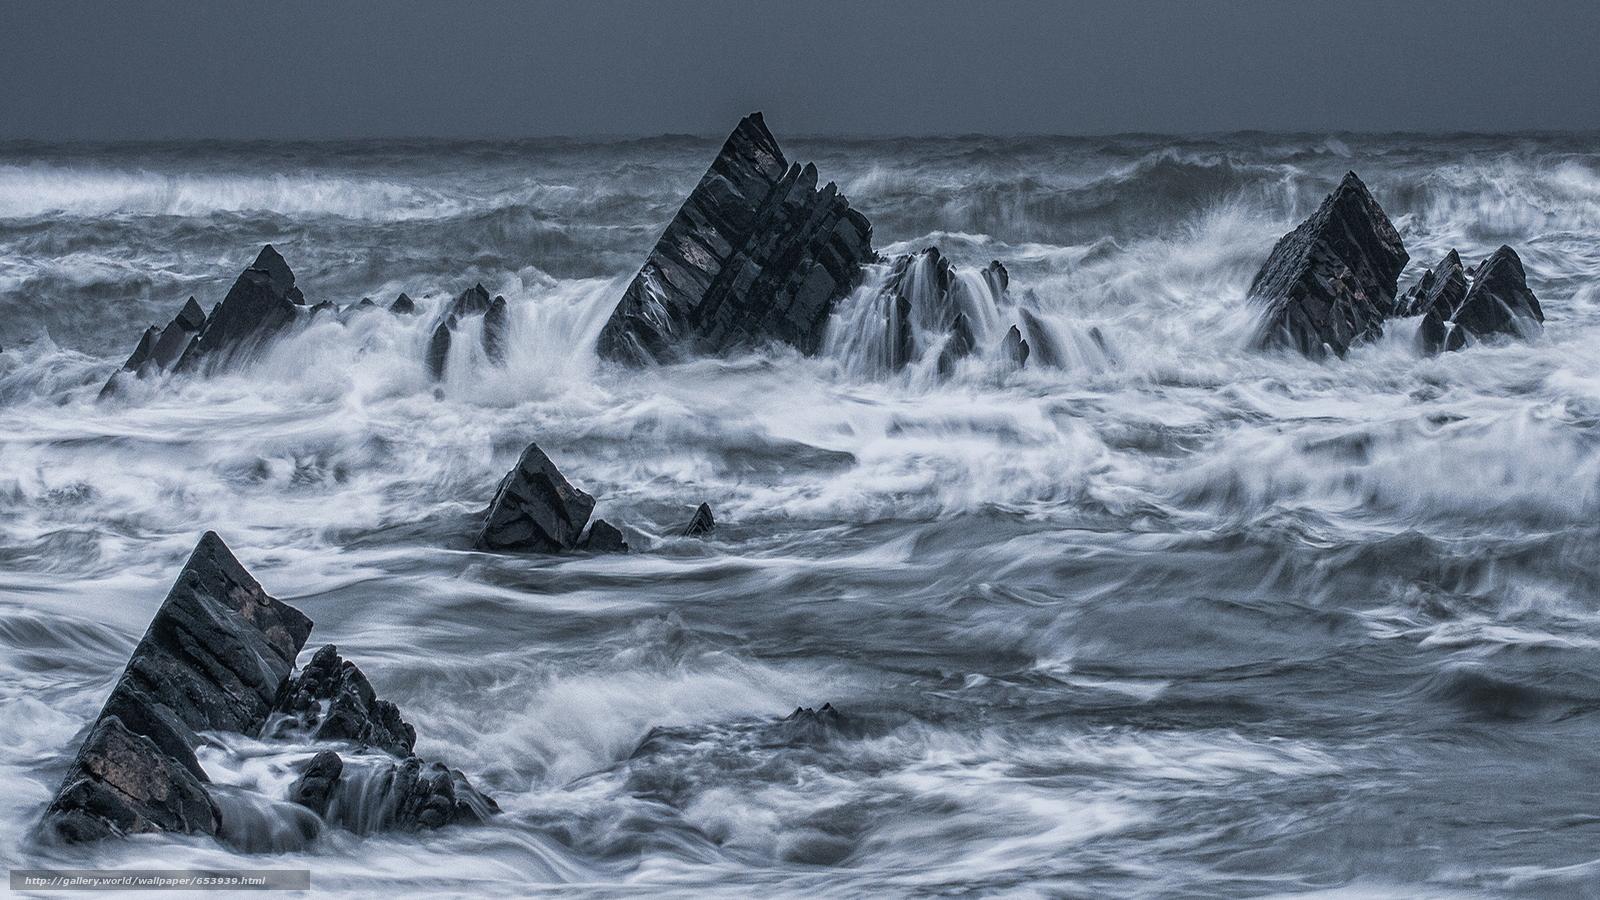 Скачать обои море,  океан,  водоем,  камни бесплатно для рабочего стола в разрешении 2048x1152 — картинка №653939